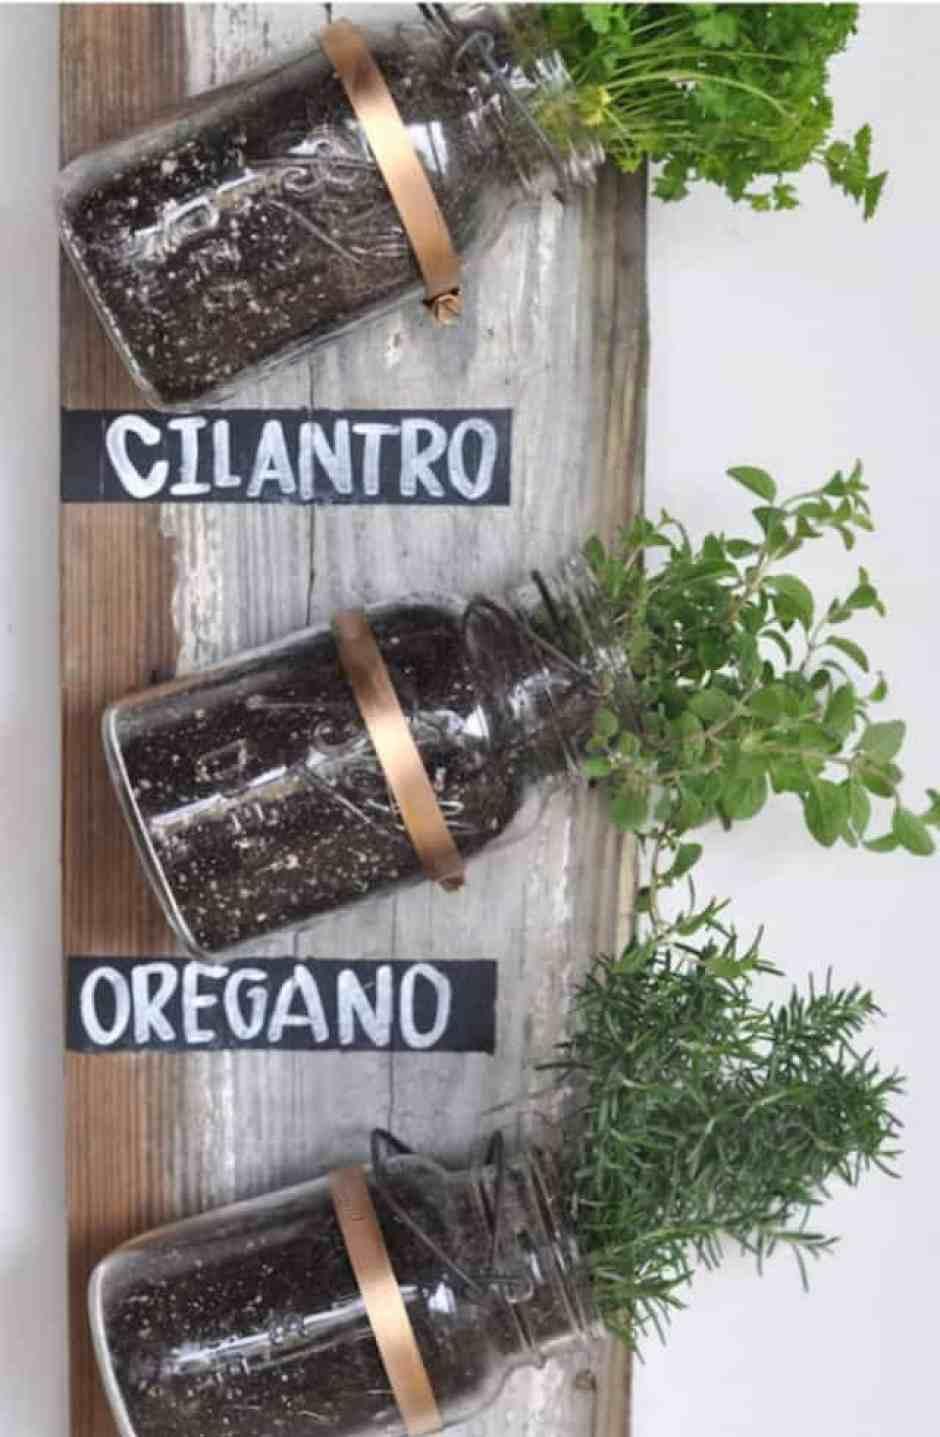 Originale orto aromatico da parete